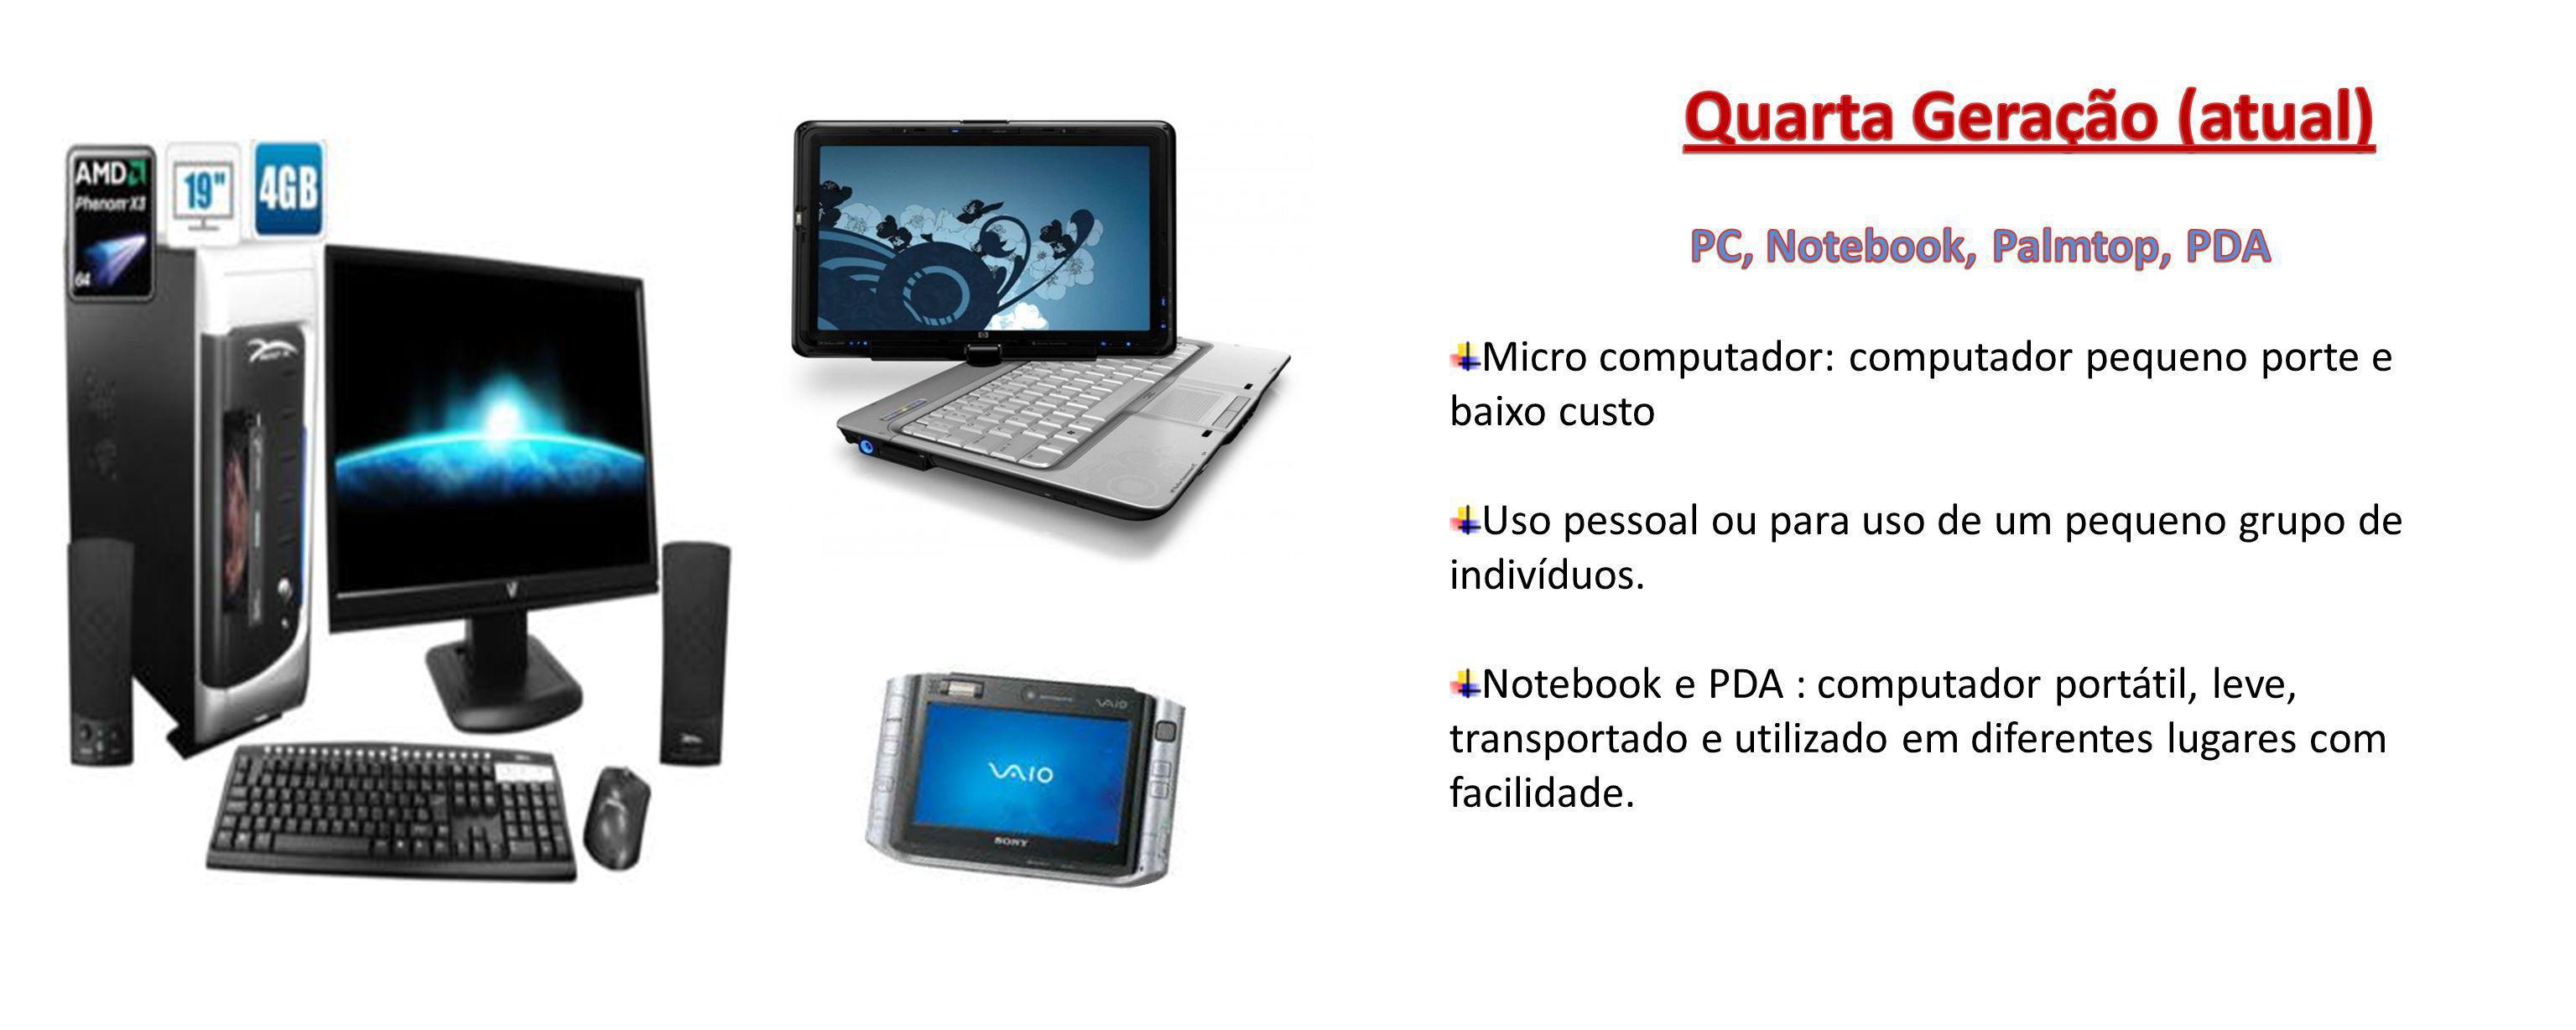 Micro computador: computador pequeno porte e baixo custo Uso pessoal ou para uso de um pequeno grupo de indivíduos. Notebook e PDA : computador portát